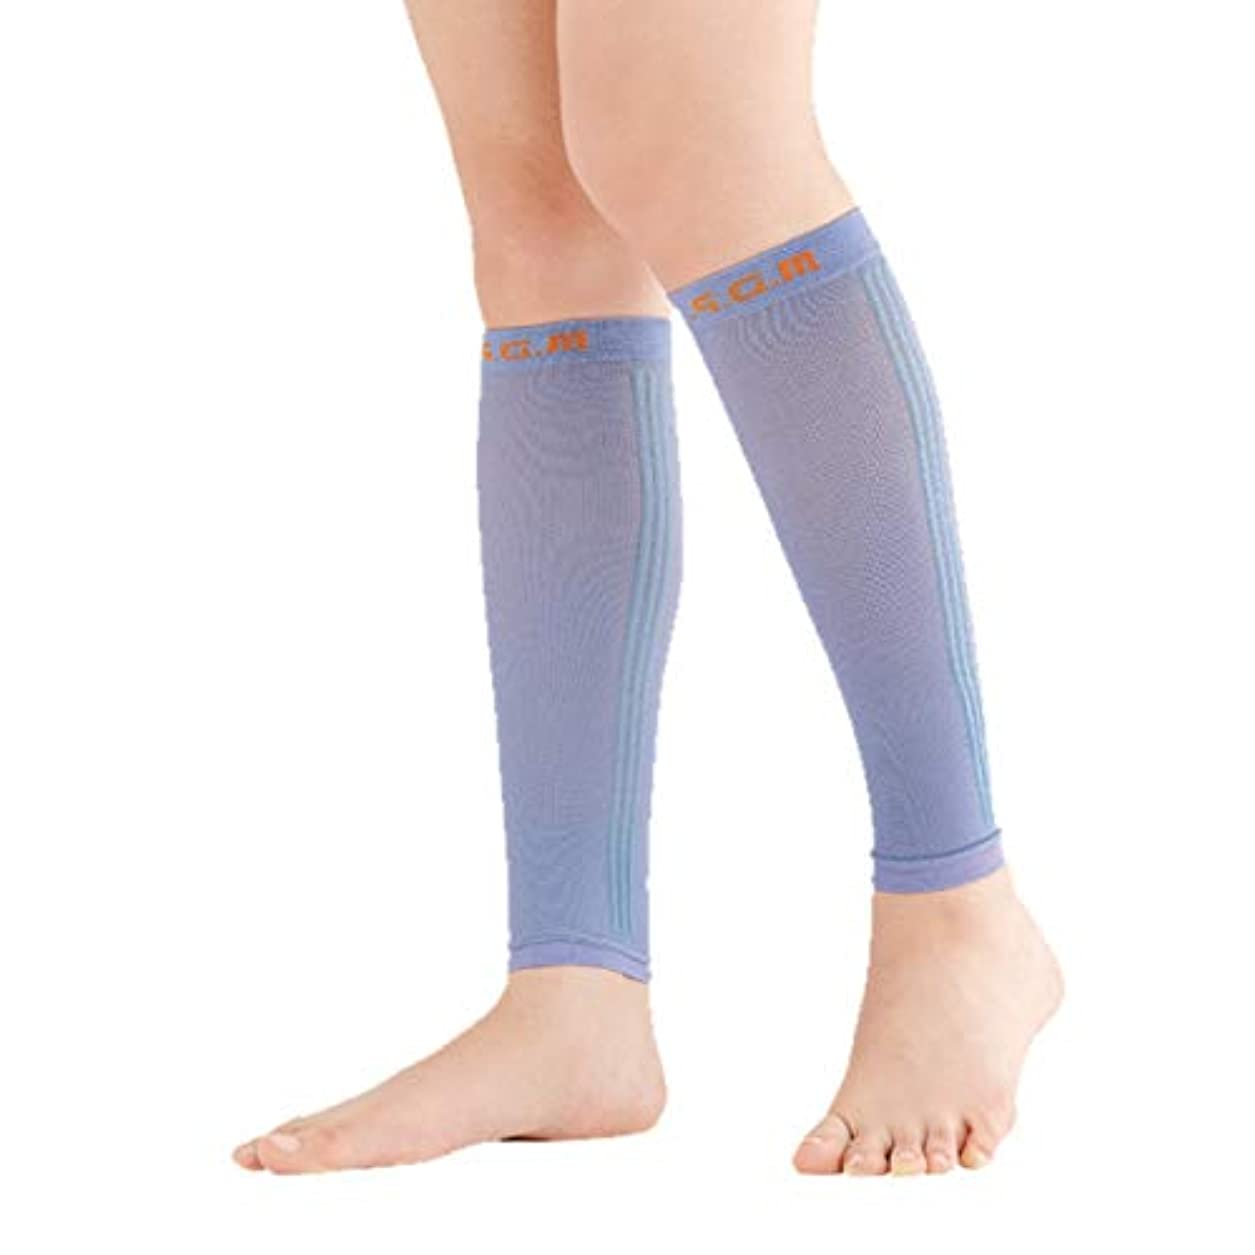 誘惑する法律によりフレット着圧ソックス 着圧サポーター 足のむくみ ふくらはぎ むくみ防止 立ち仕事モミモミ